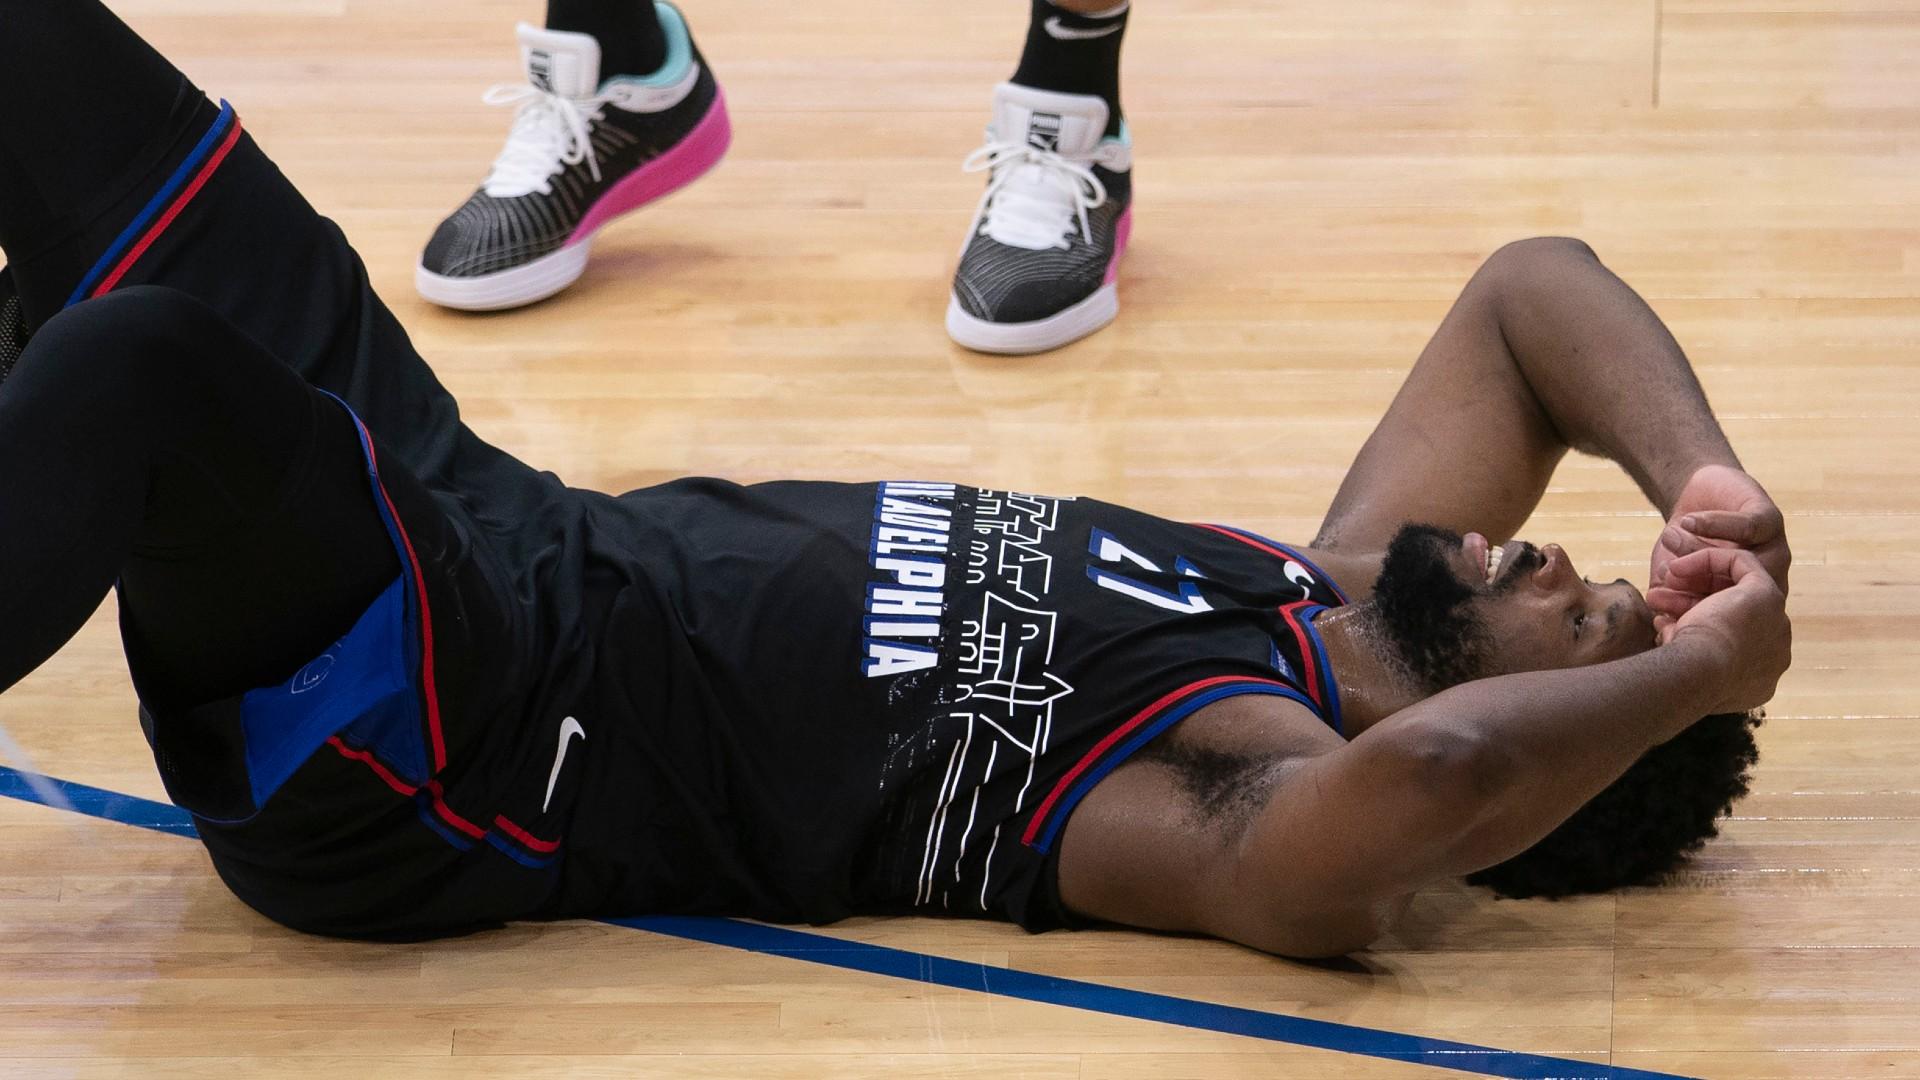 76ers' Joel Embiid nearly nets insane, Hail Mary buzzer-beating shot vs. Suns